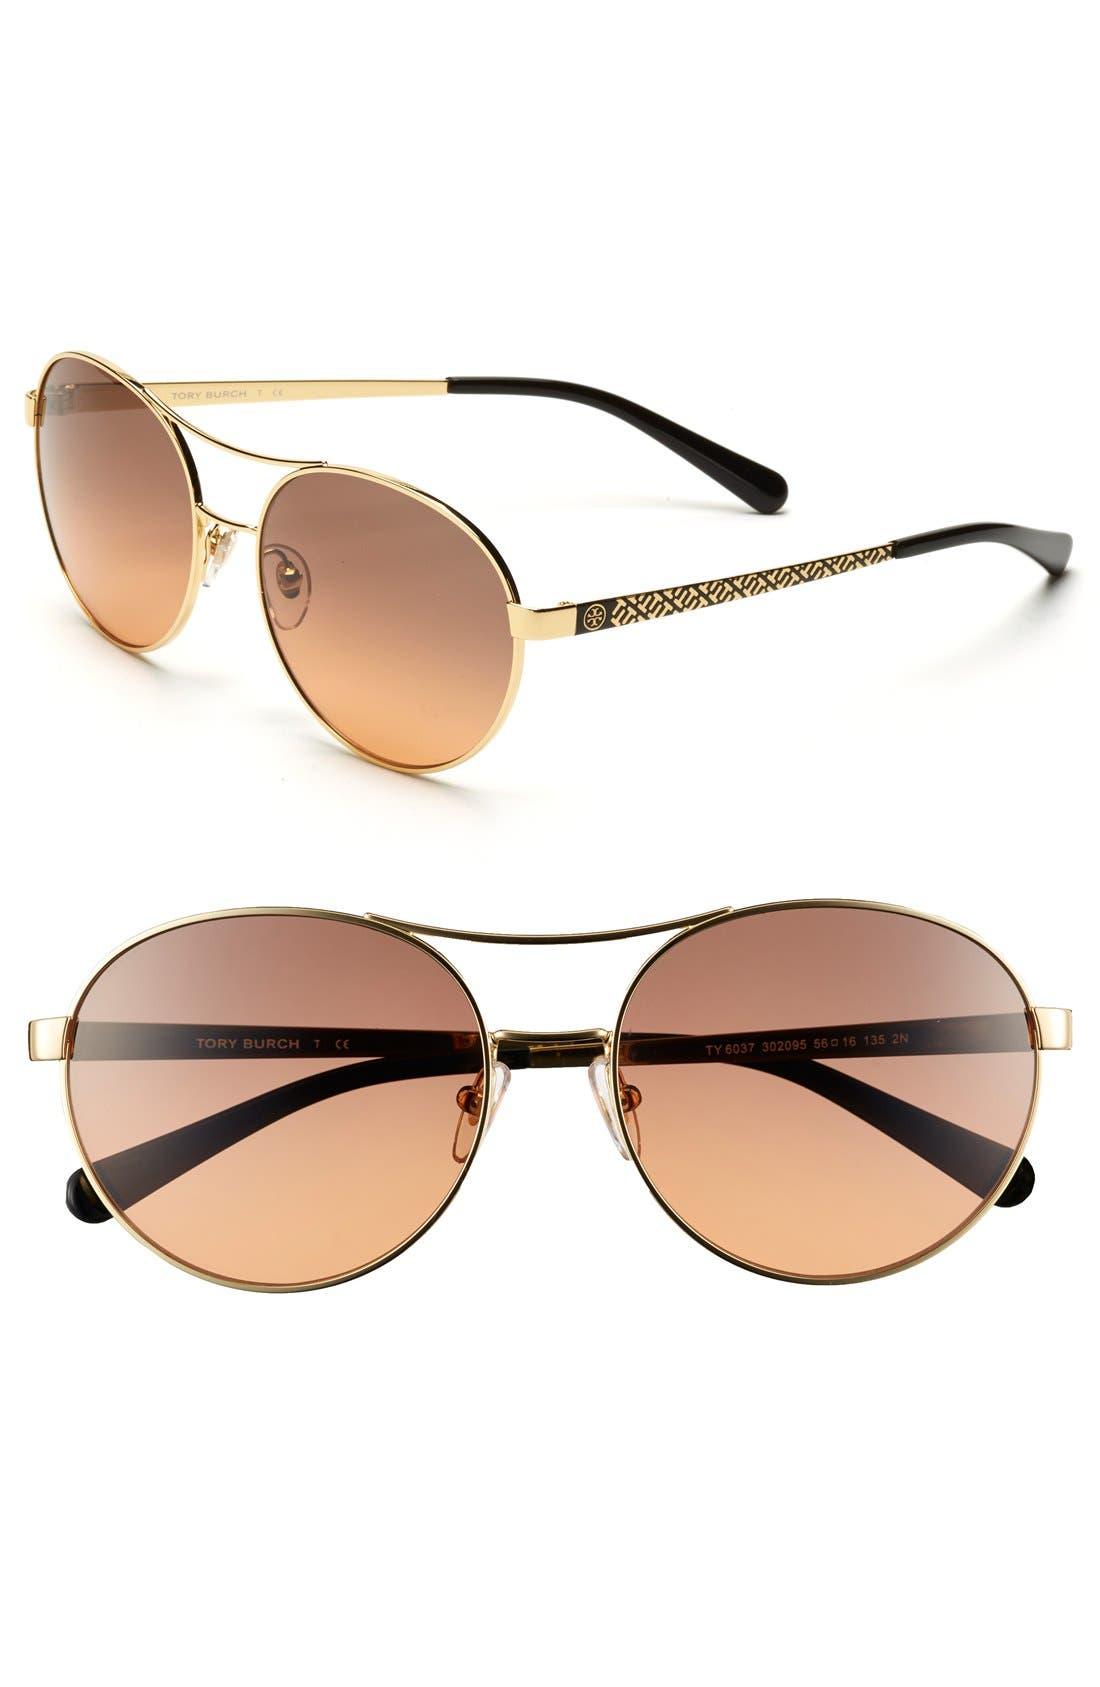 Main Image - Tory Burch Round 56mm Sunglasses